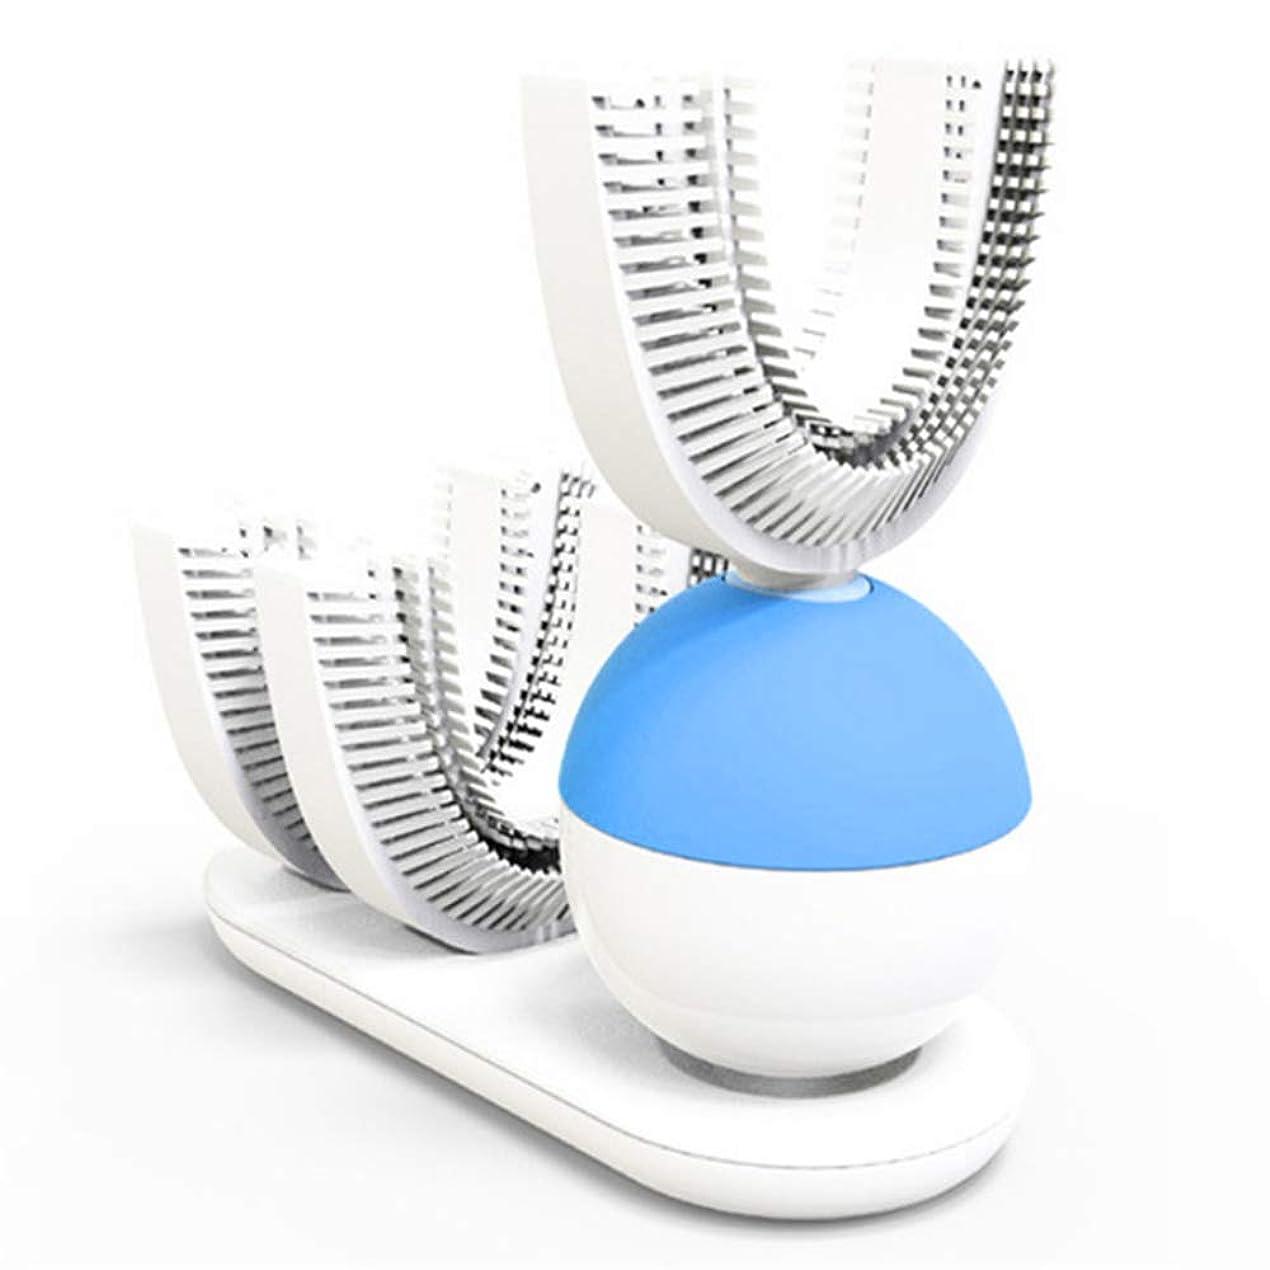 論文特権的知性電動歯ブラシ 自動歯ブラシ U型 360°全方位 超音波 怠け者歯ブラシ ワイヤレス充電 口腔洗浄器 歯ブラシヘッド付き